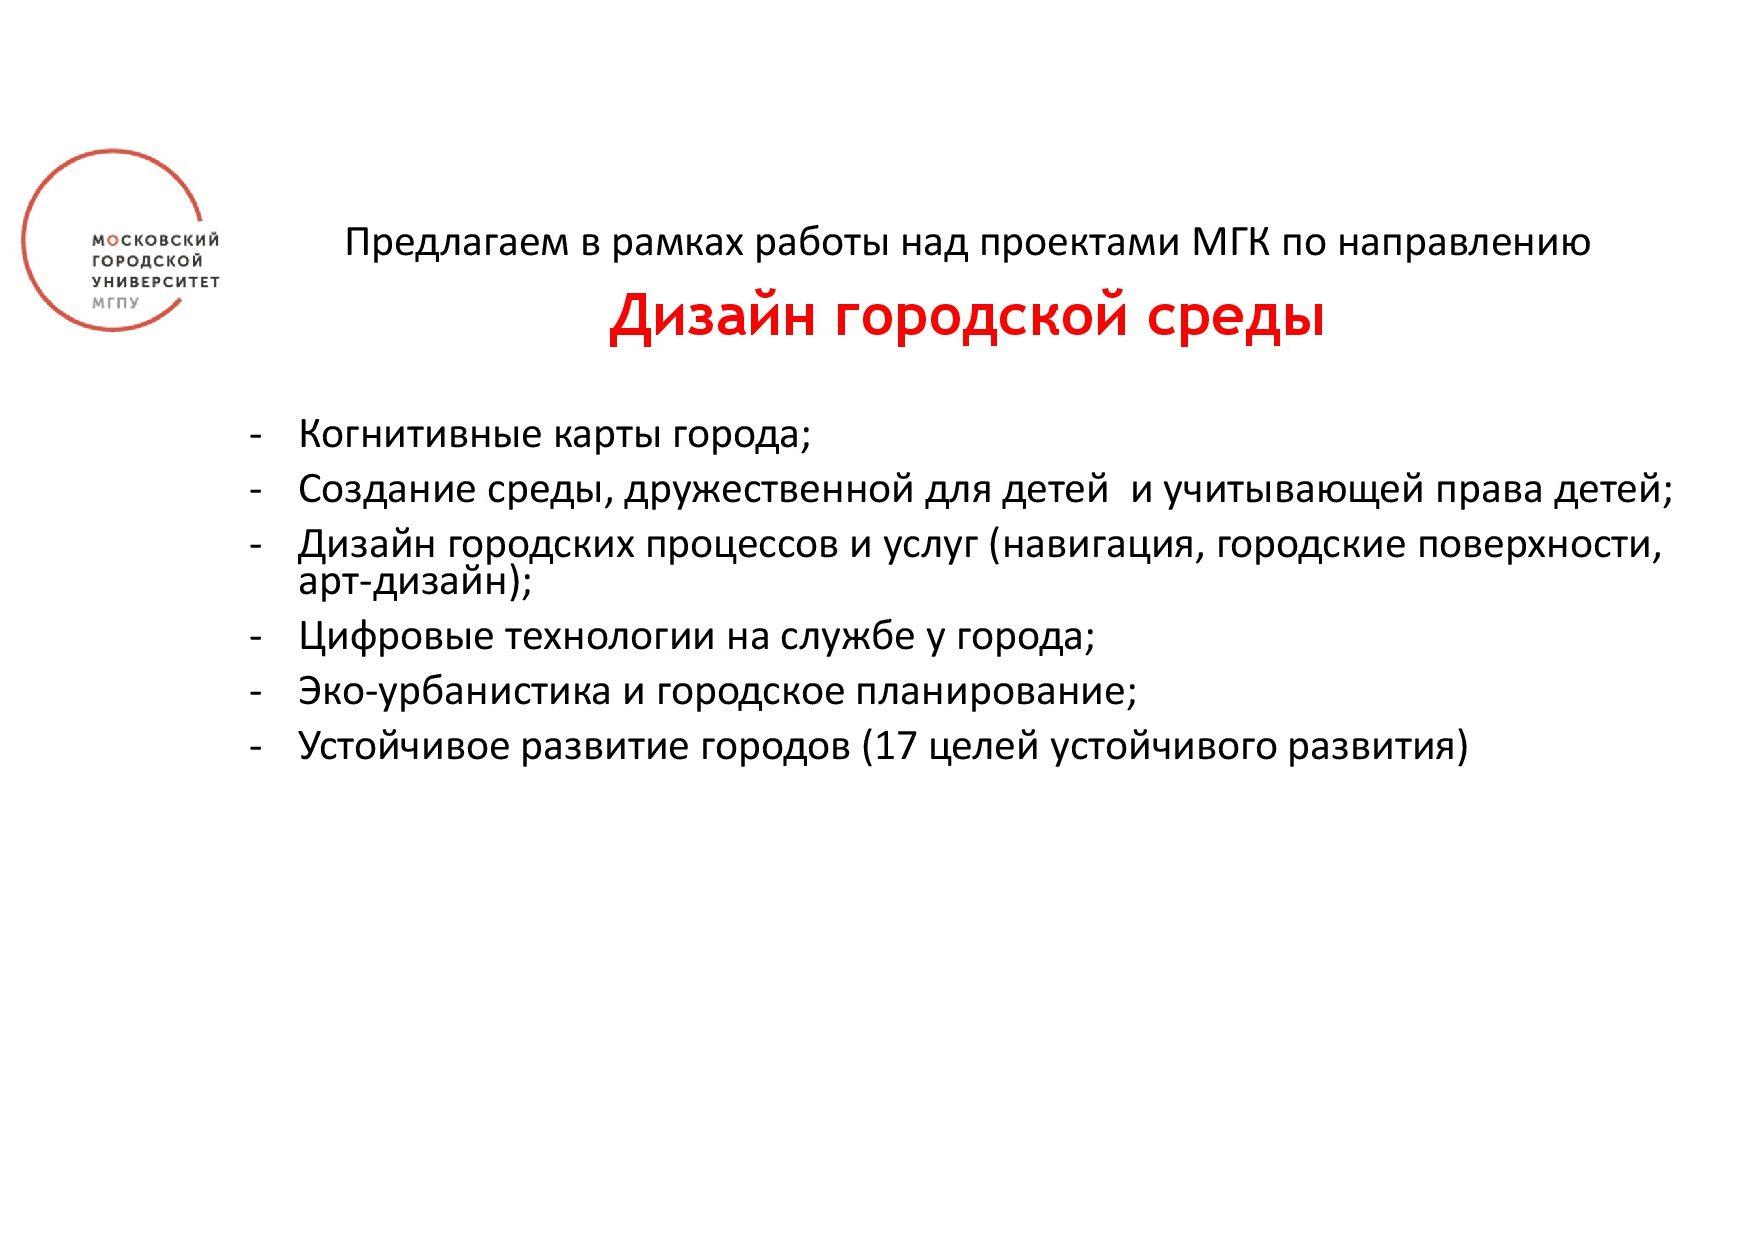 Презентация на МГК -Иванова ЕВ-035